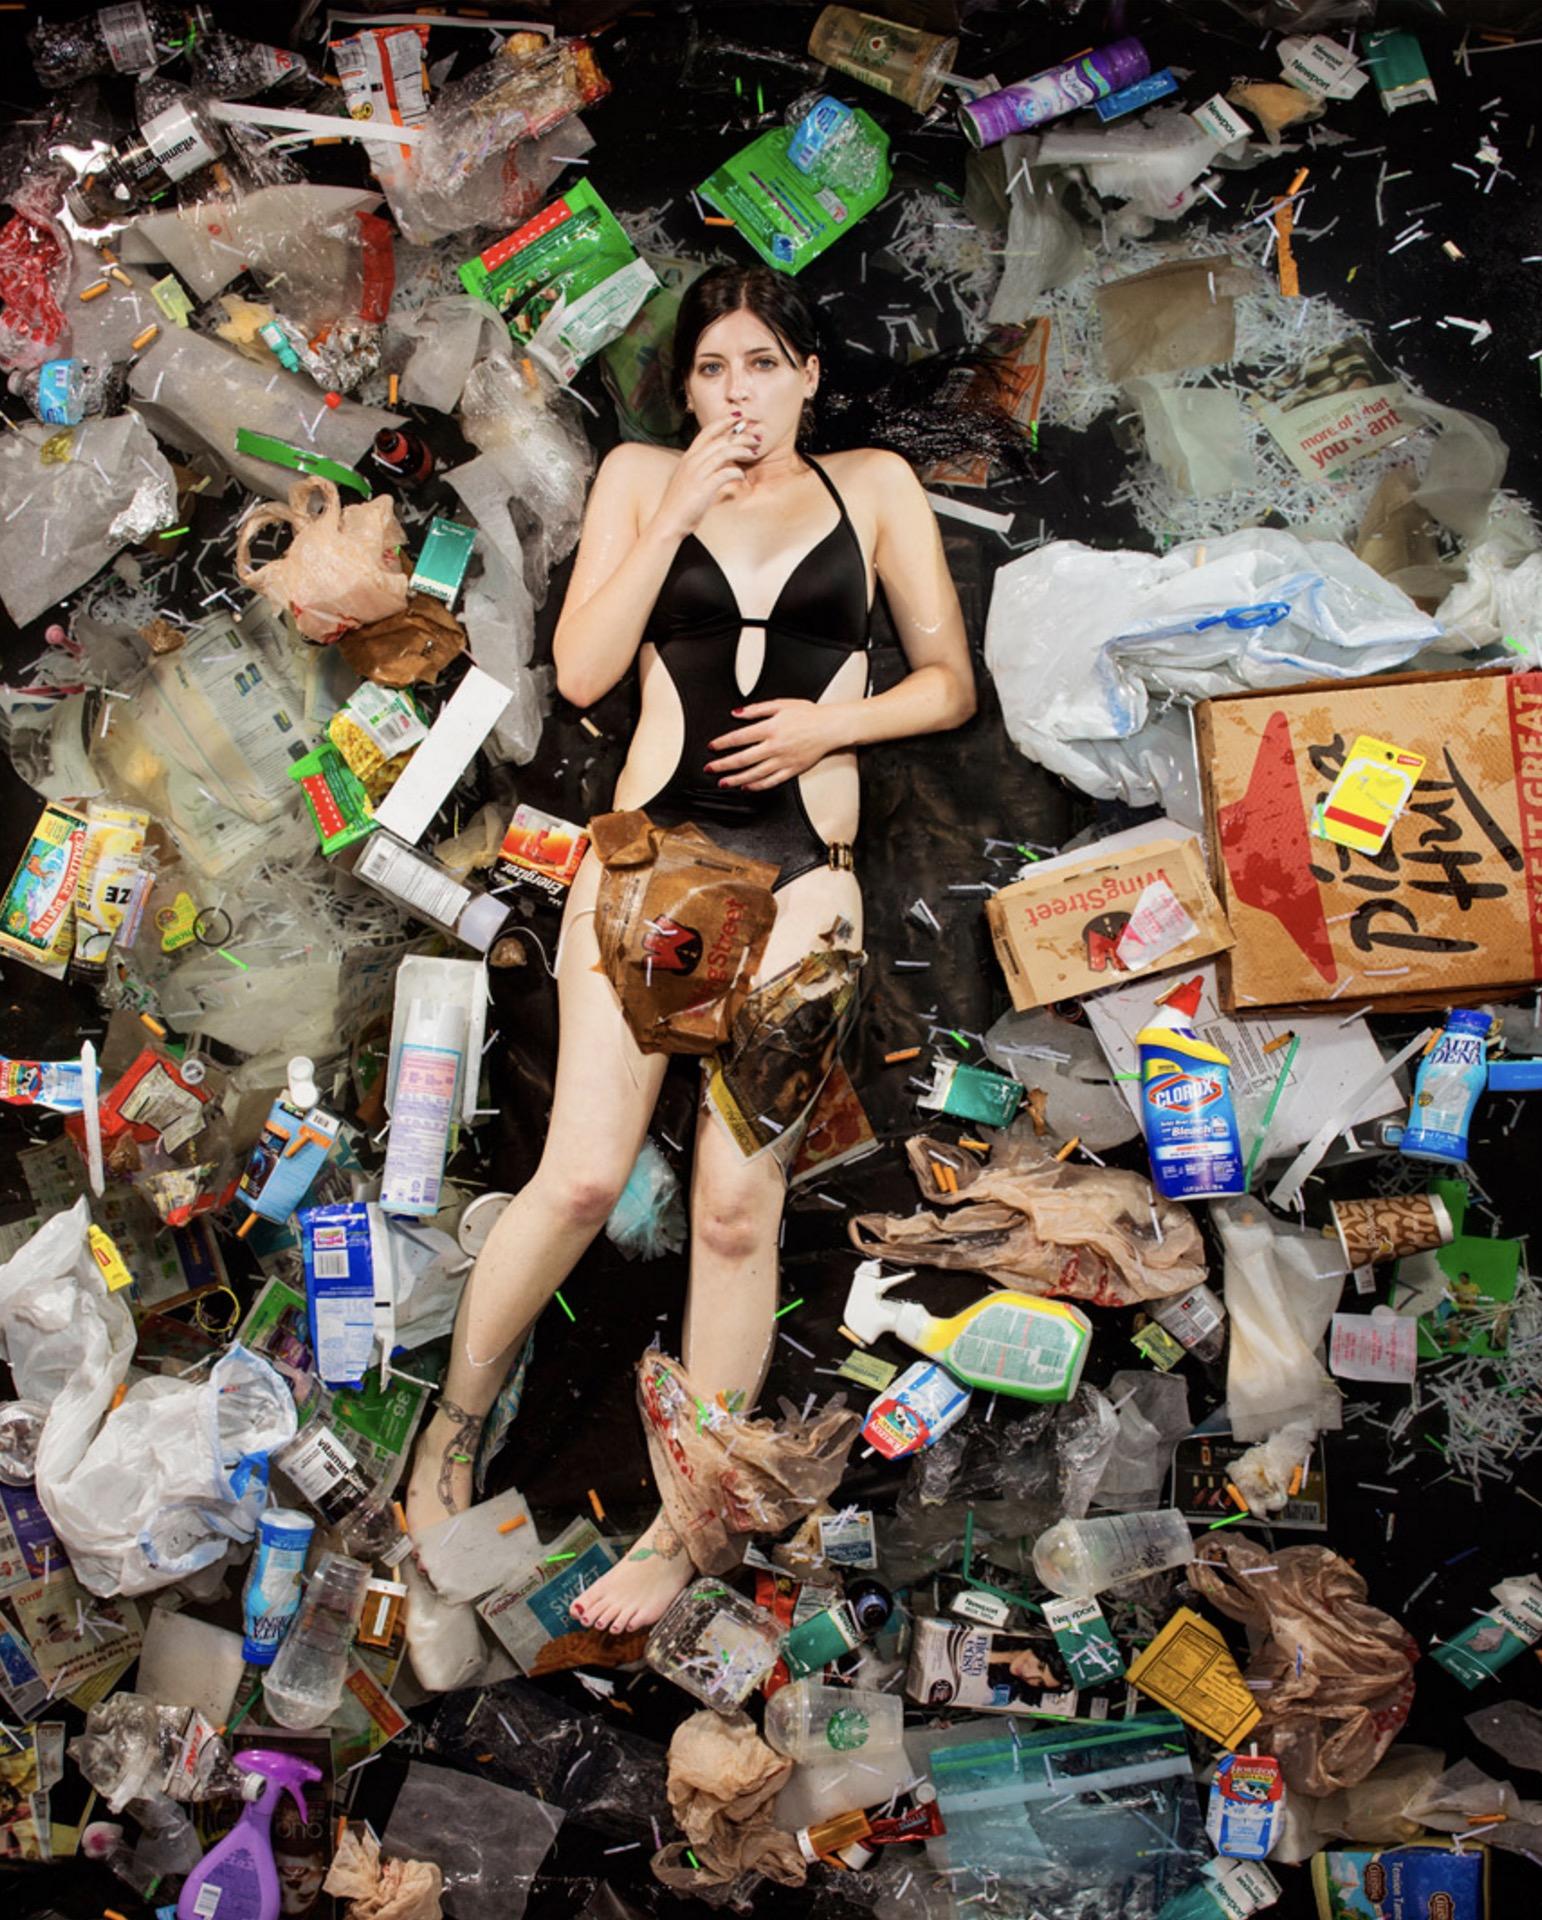 7 Days Of Garbage_Gregg Segal_organiconcrete_2